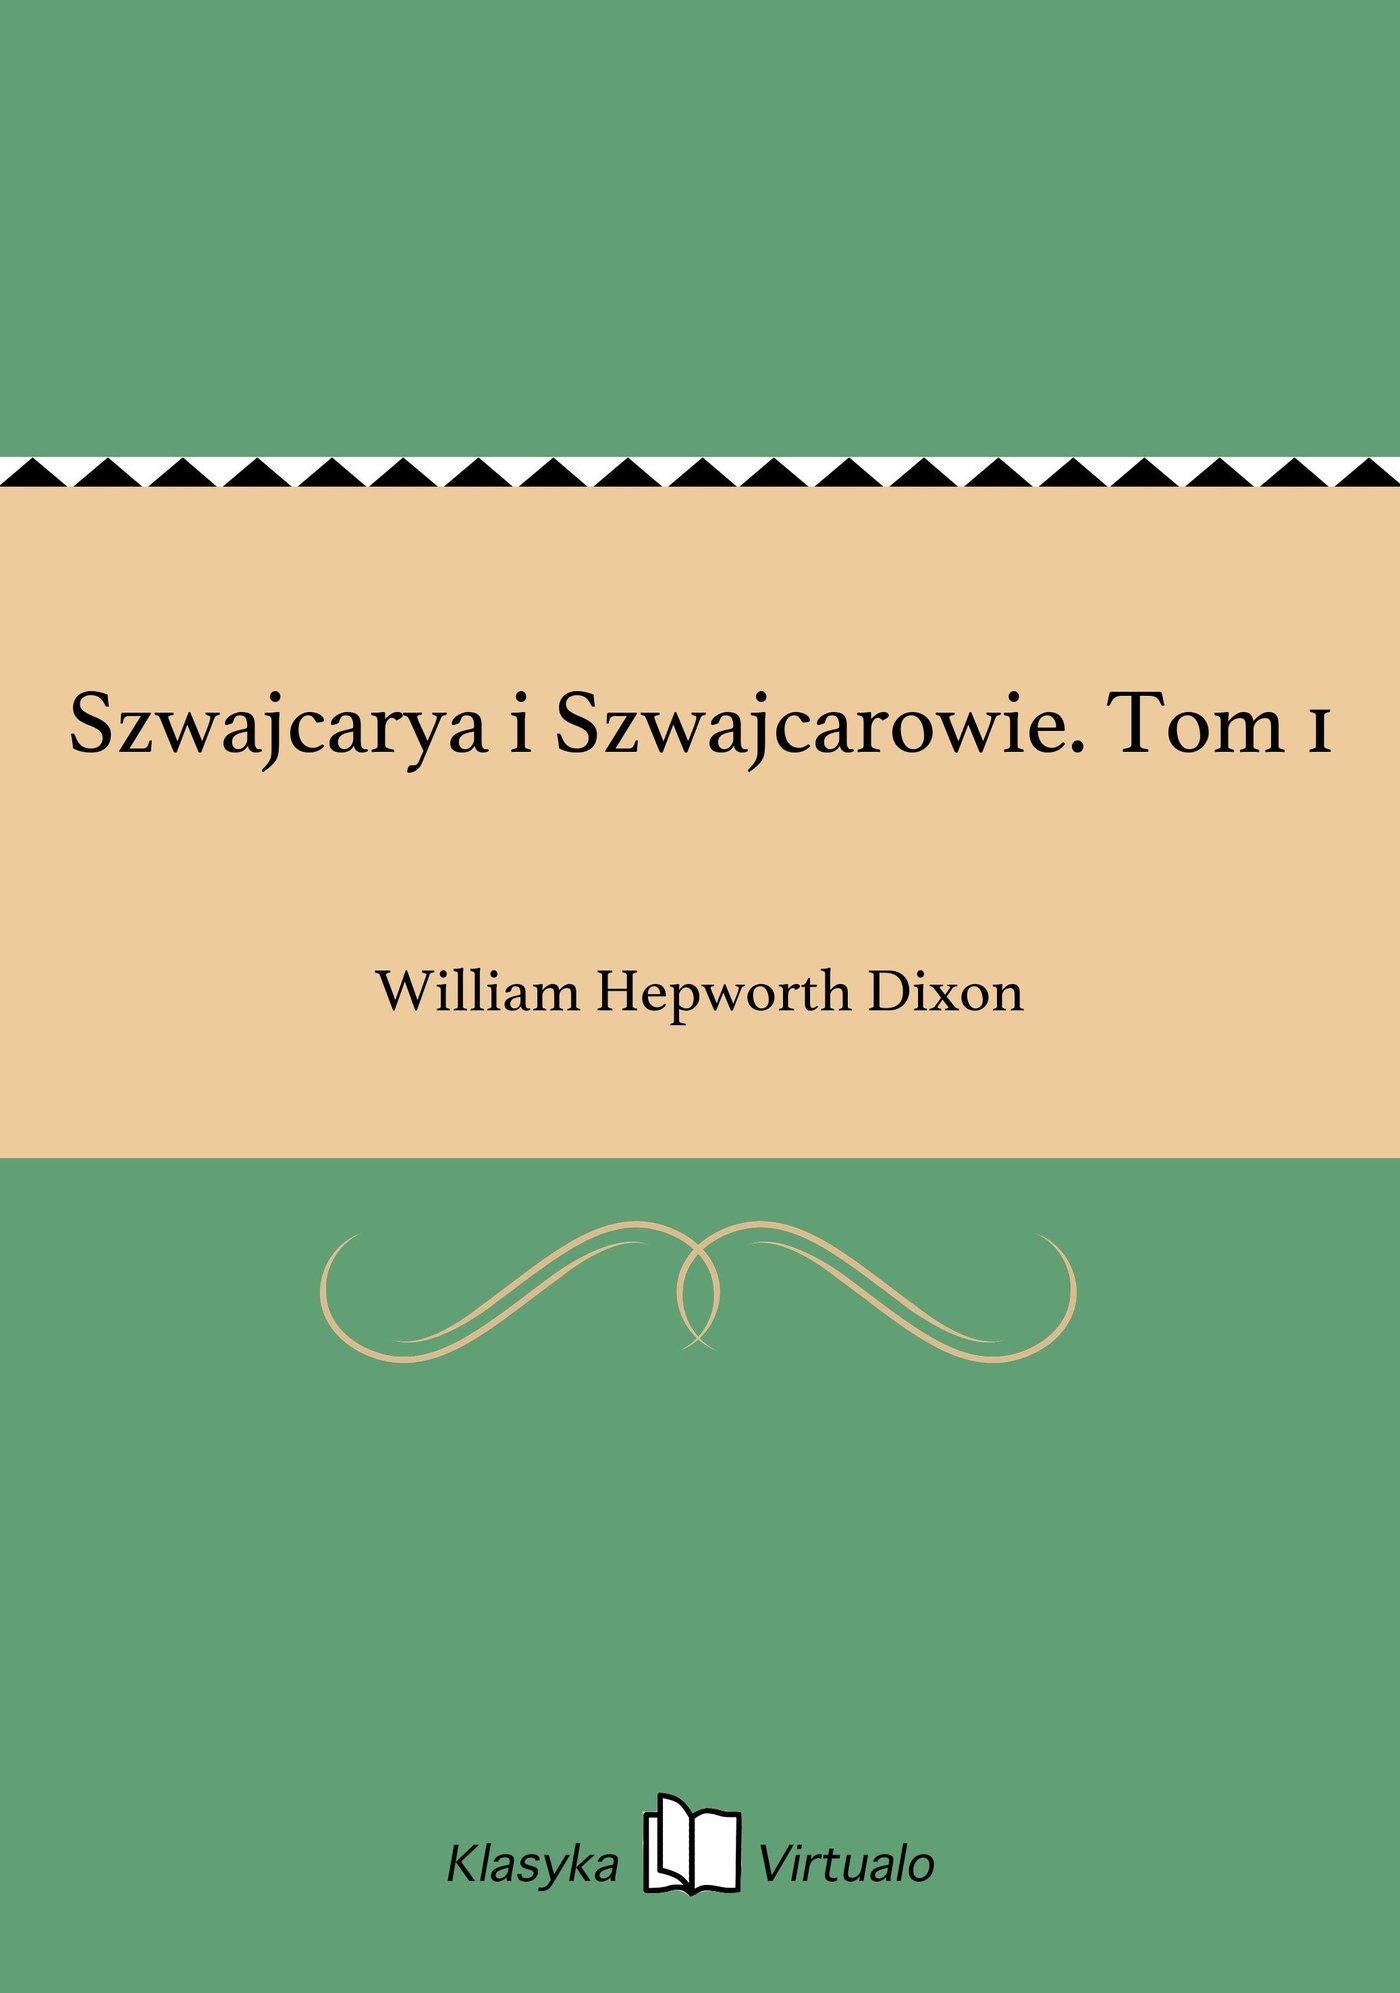 Szwajcarya i Szwajcarowie. Tom 1 - Ebook (Książka na Kindle) do pobrania w formacie MOBI